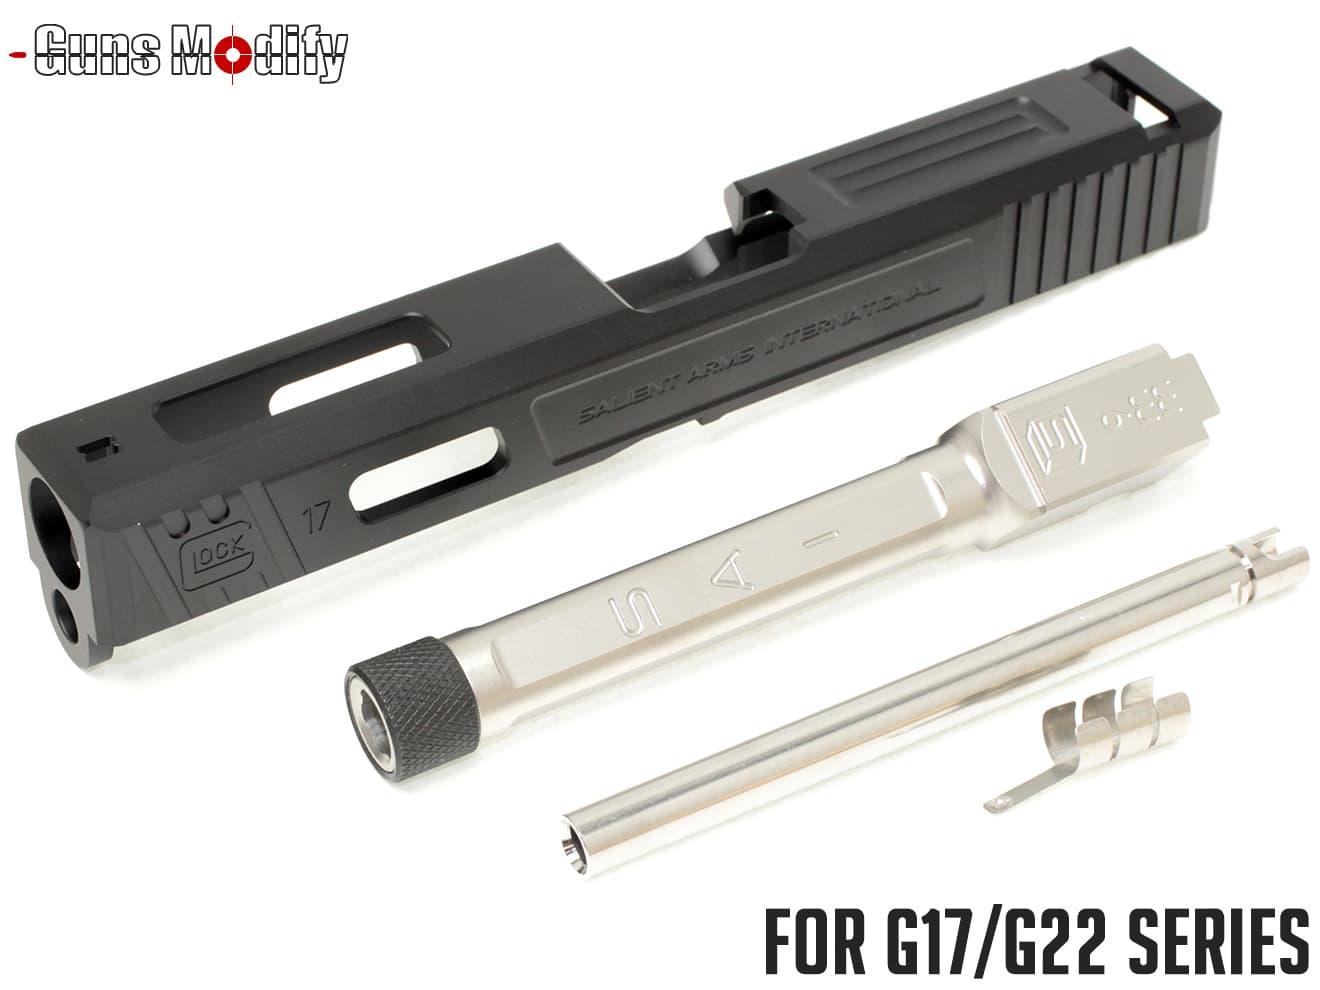 Guns Modify G17 SA CNC Tier 1 アルミスライド&ステンレス ボックスフルート スレッドアウターバレルセット◆14mm正ネジ メタルスライド